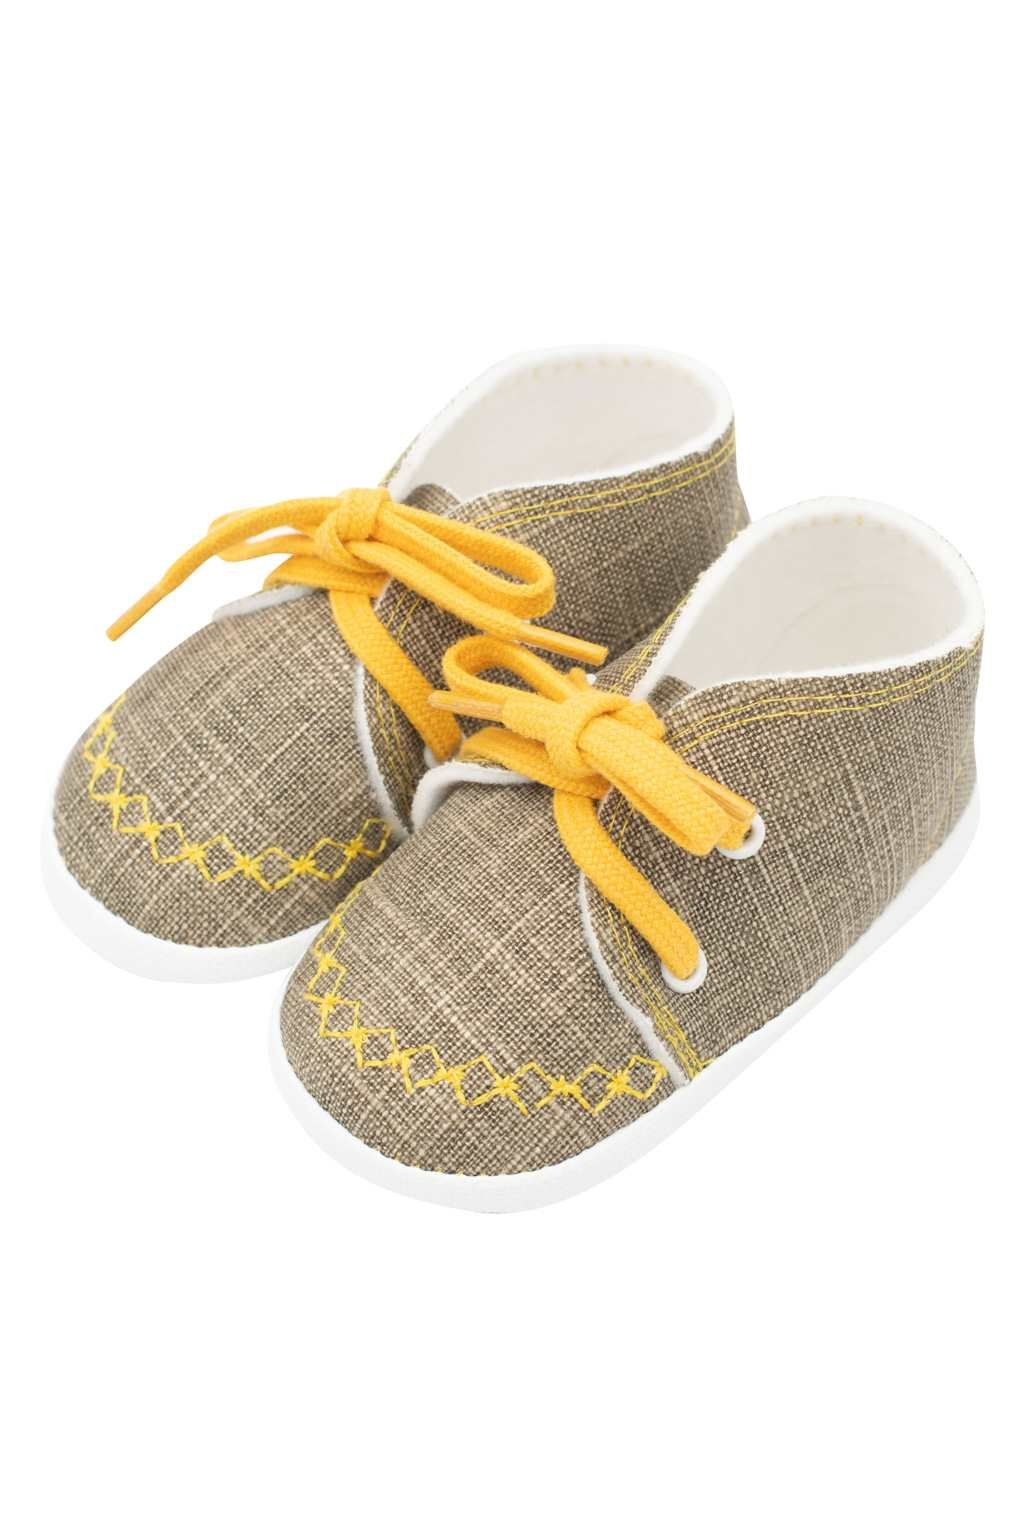 Dojčenské capačky tenisky New Baby jeans mustard 3-6 m